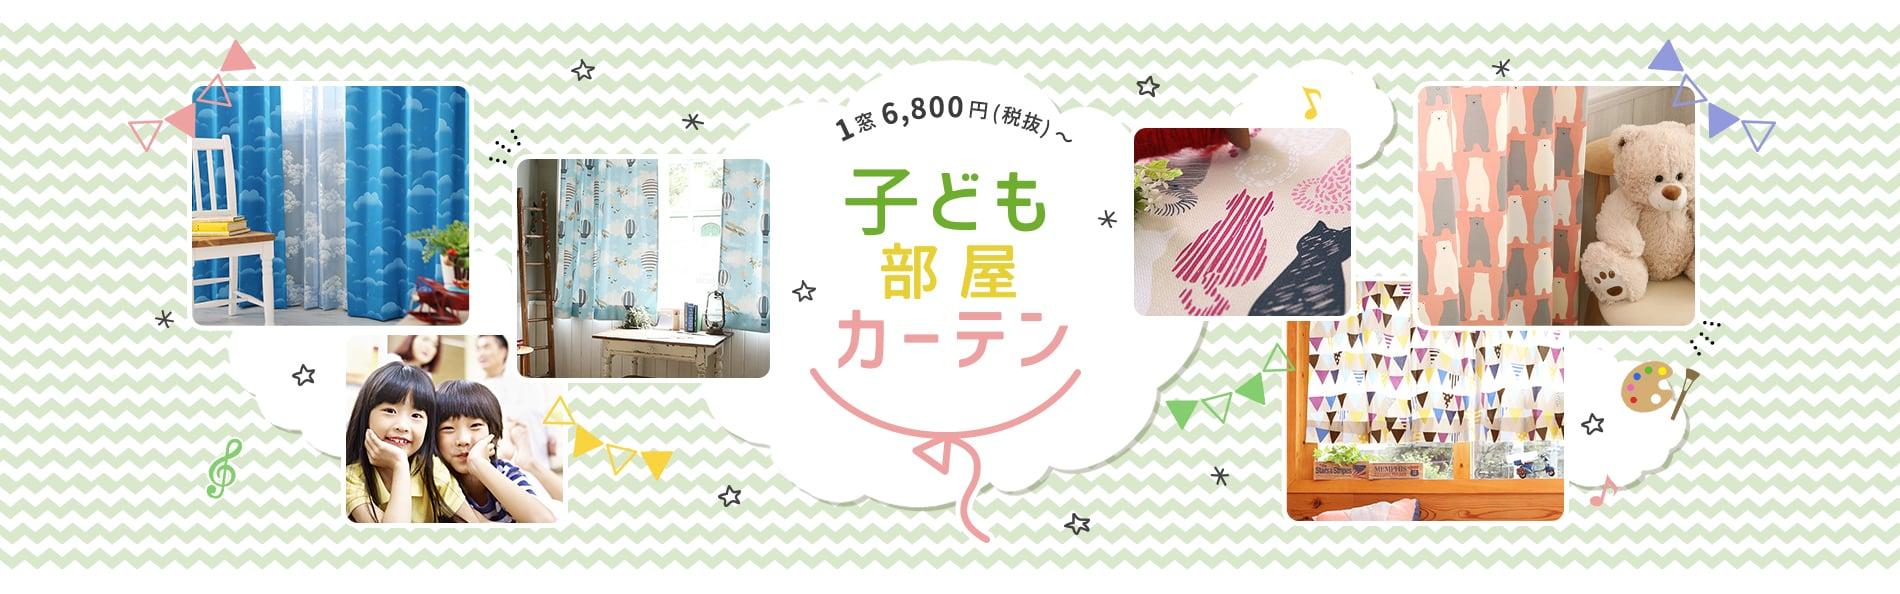 1窓6,800円(税抜)〜子ども部屋カーテン